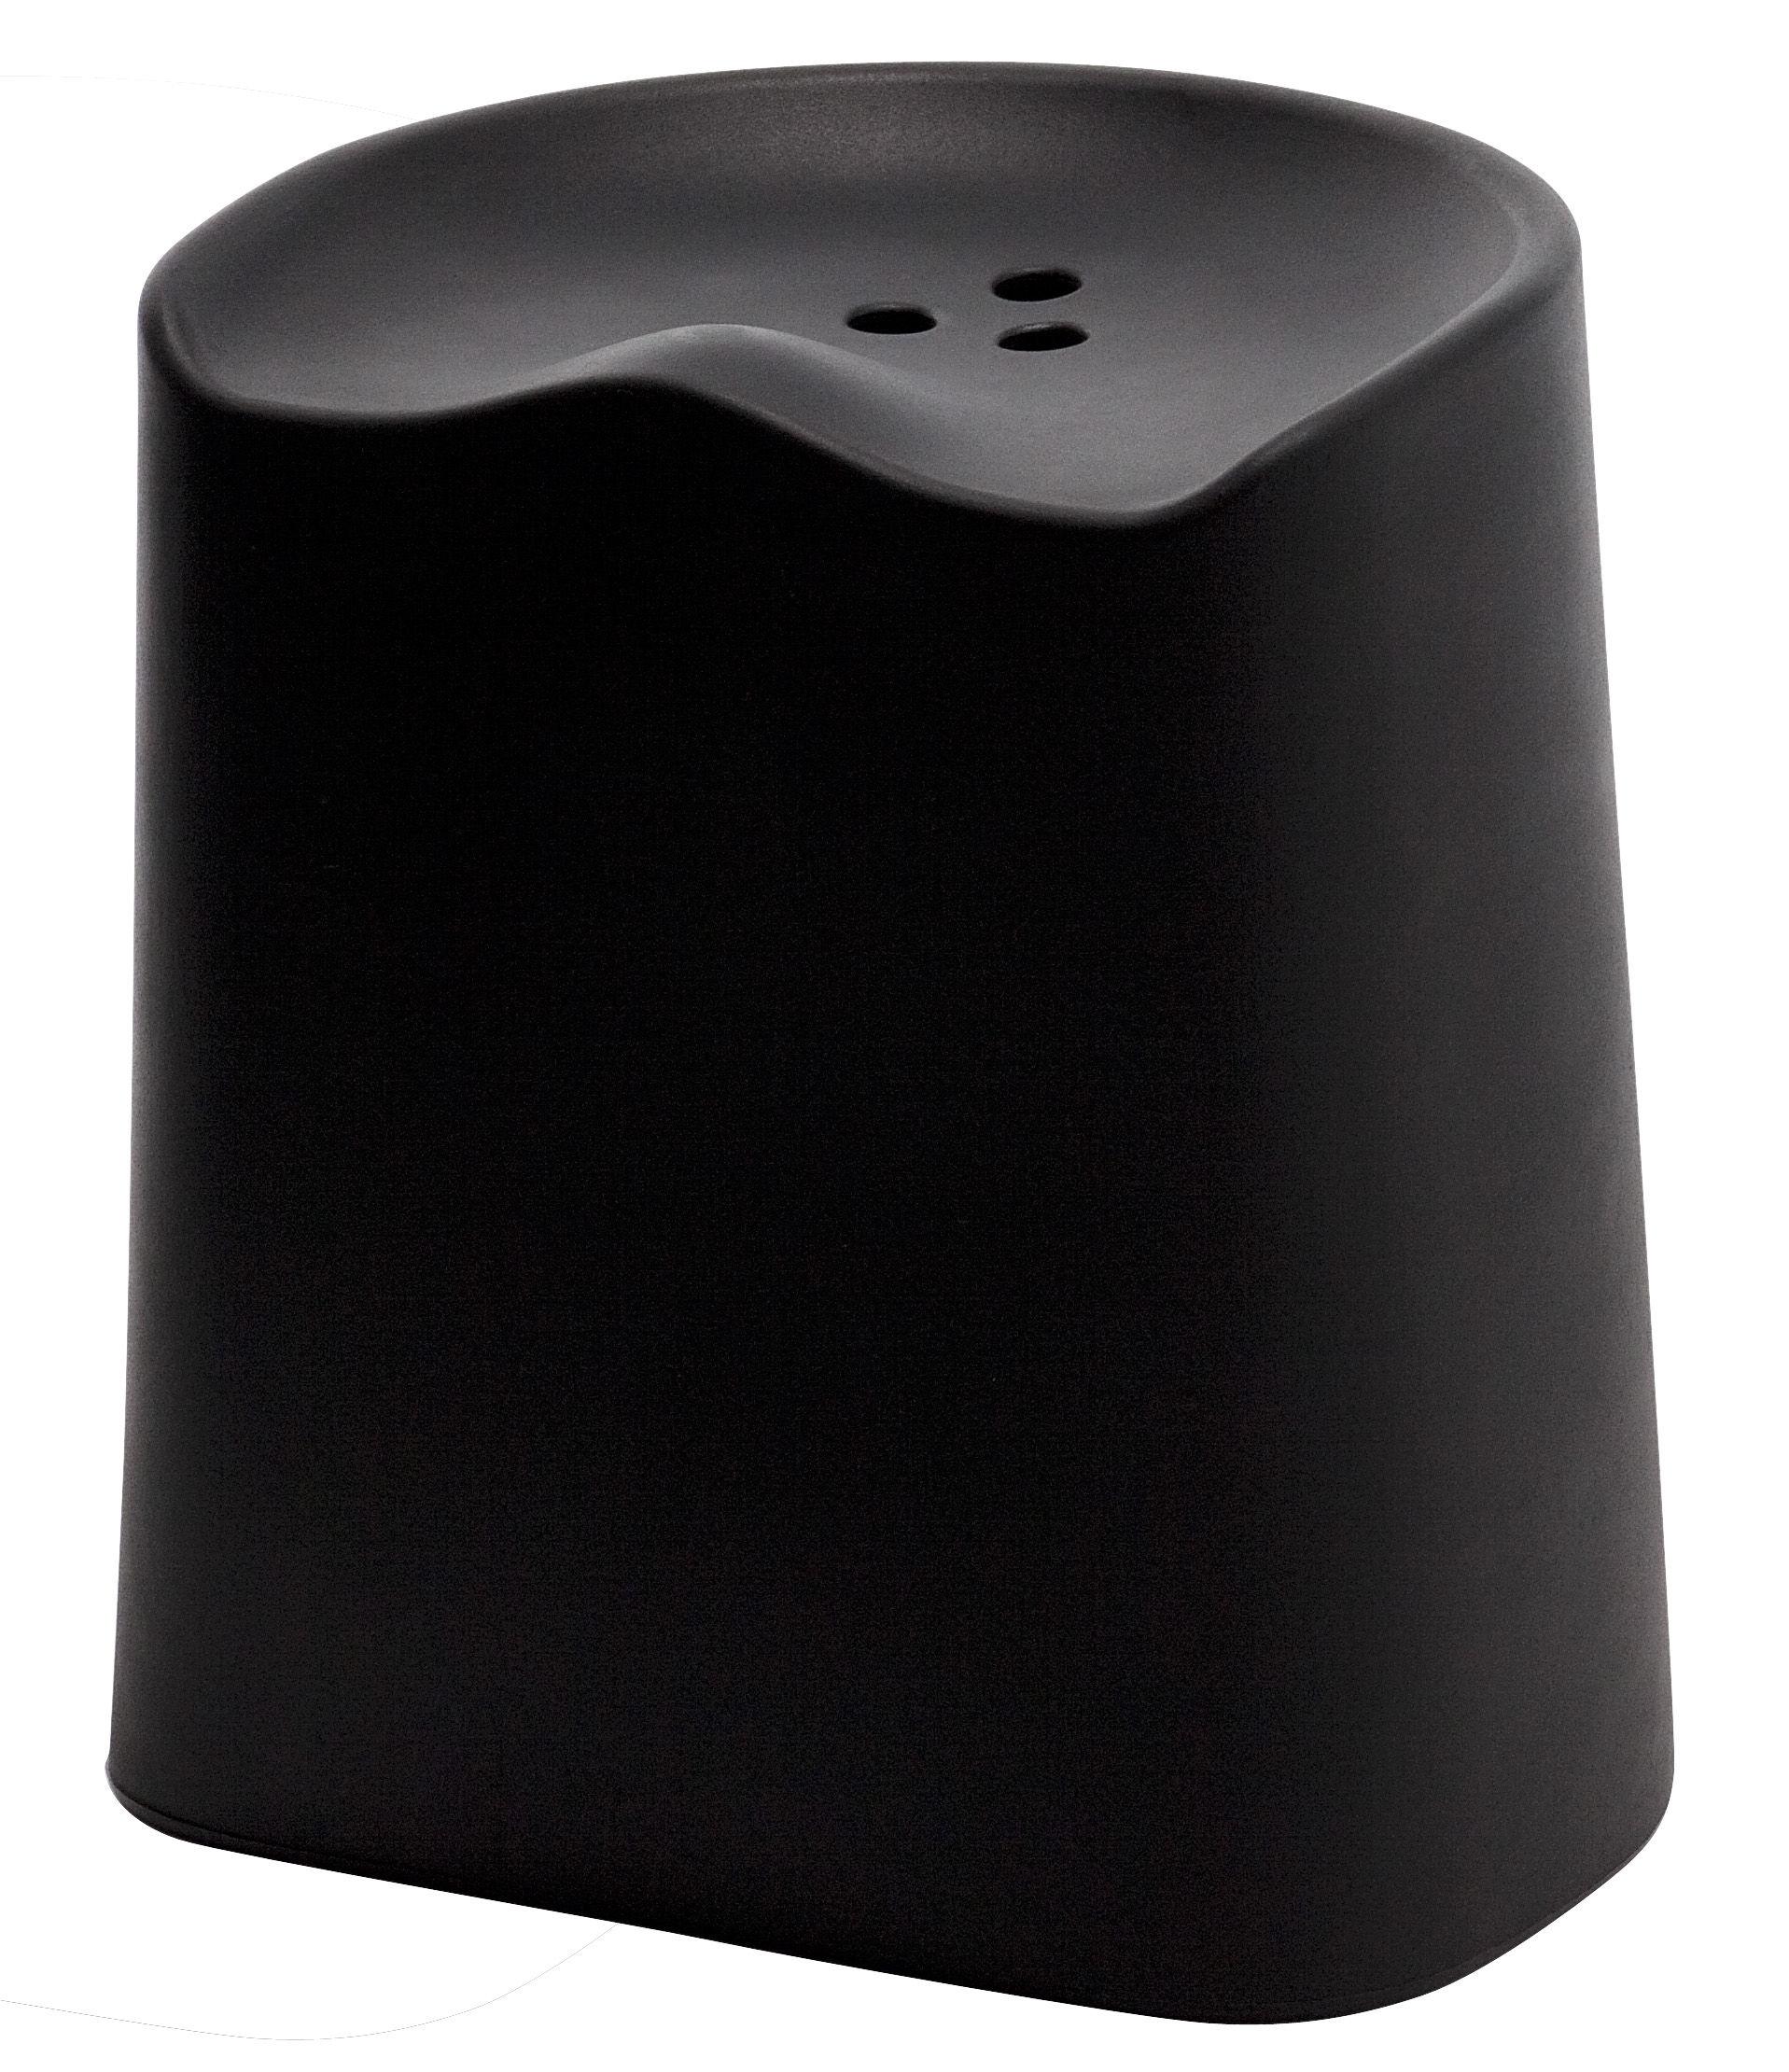 Arredamento - Sgabelli - Sgabello Butt - H 49 cm di Established & Sons - Nero - Polipropilene